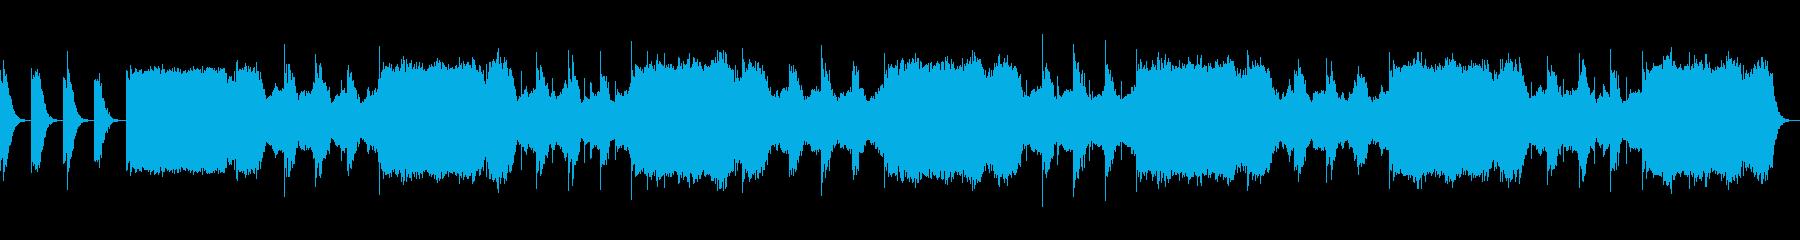 ゆっくりと目覚めさせてくれる瞑想音楽の再生済みの波形